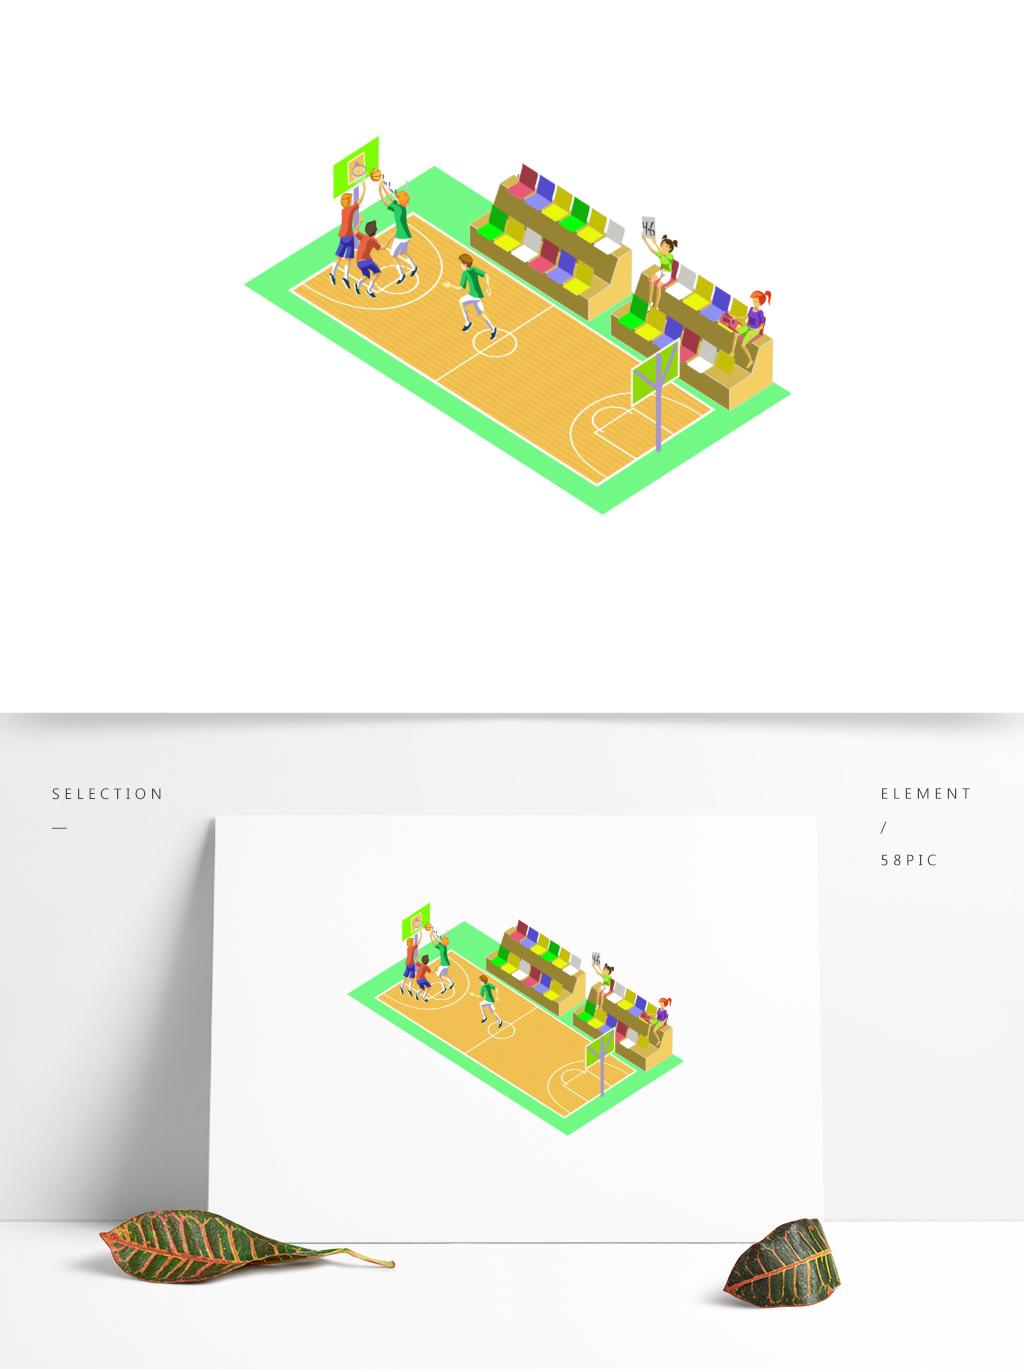 篮球场2.5D场景插画矢量手绘图图片素材 其他格式 下载 互联网图标大全